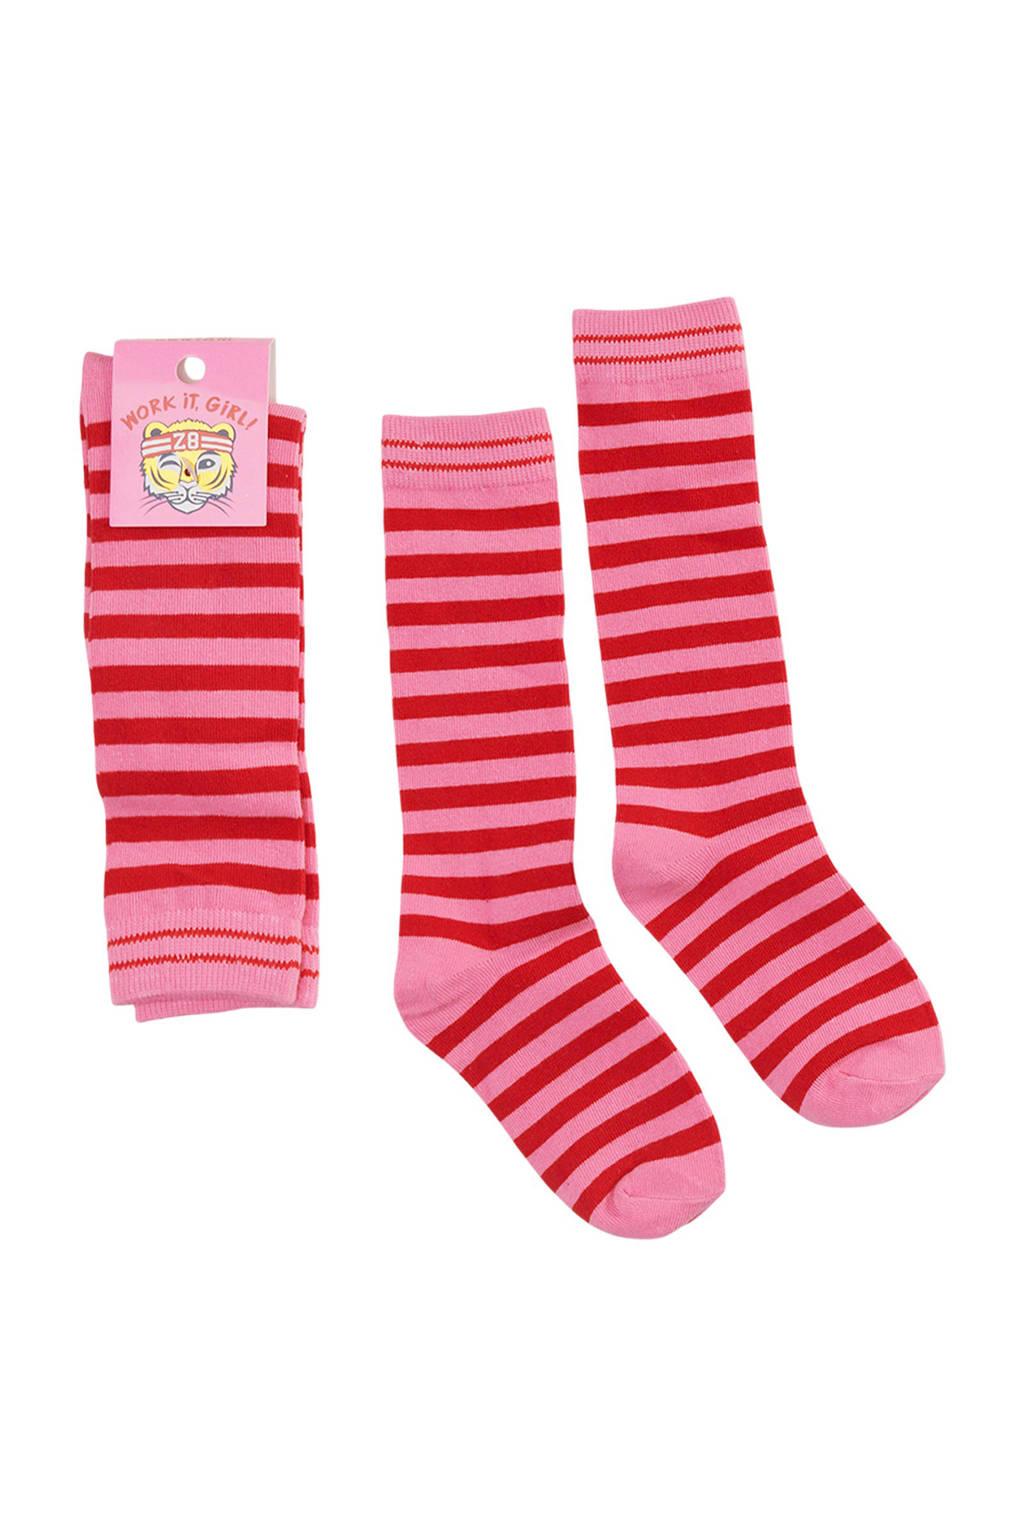 Z8 gestreepte sokken Valerie, Roze/rood